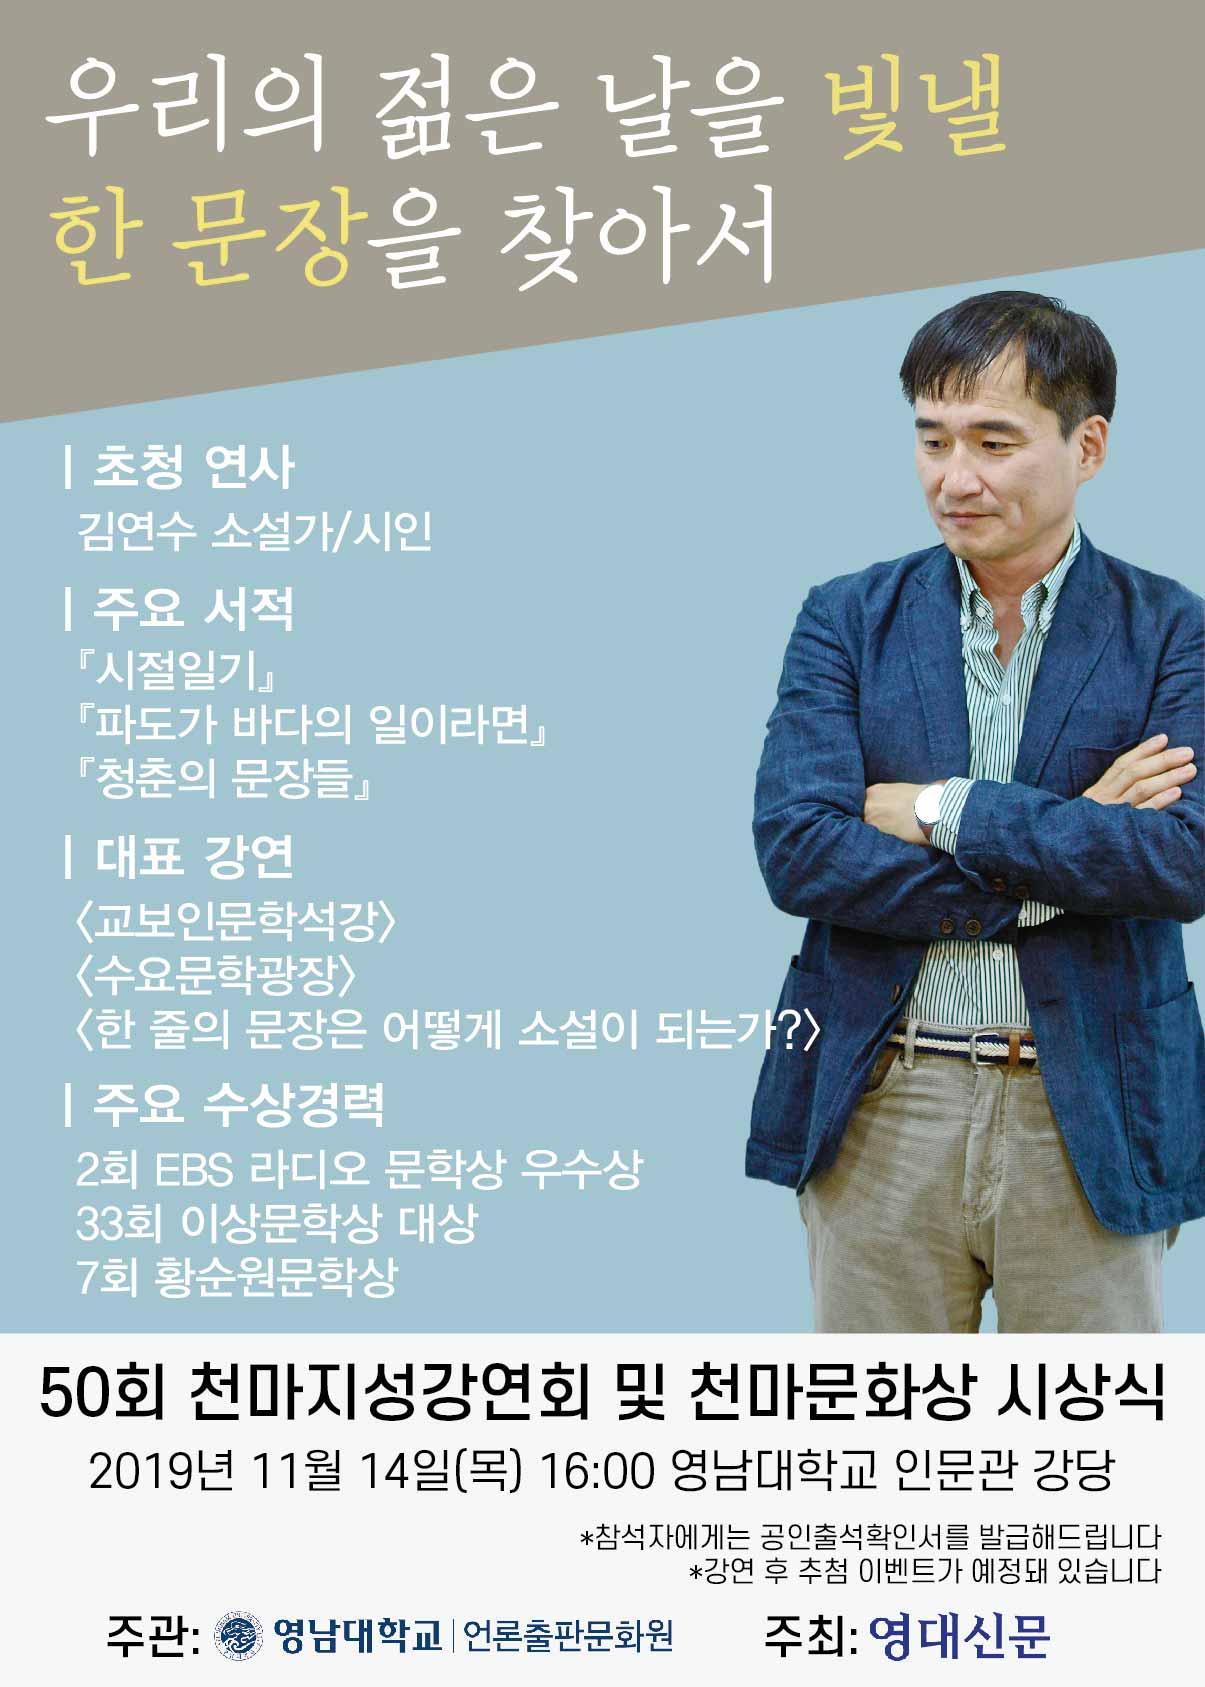 50회 천마지성강연회 및 천마문화상 시상식 개최 안내(11/14)